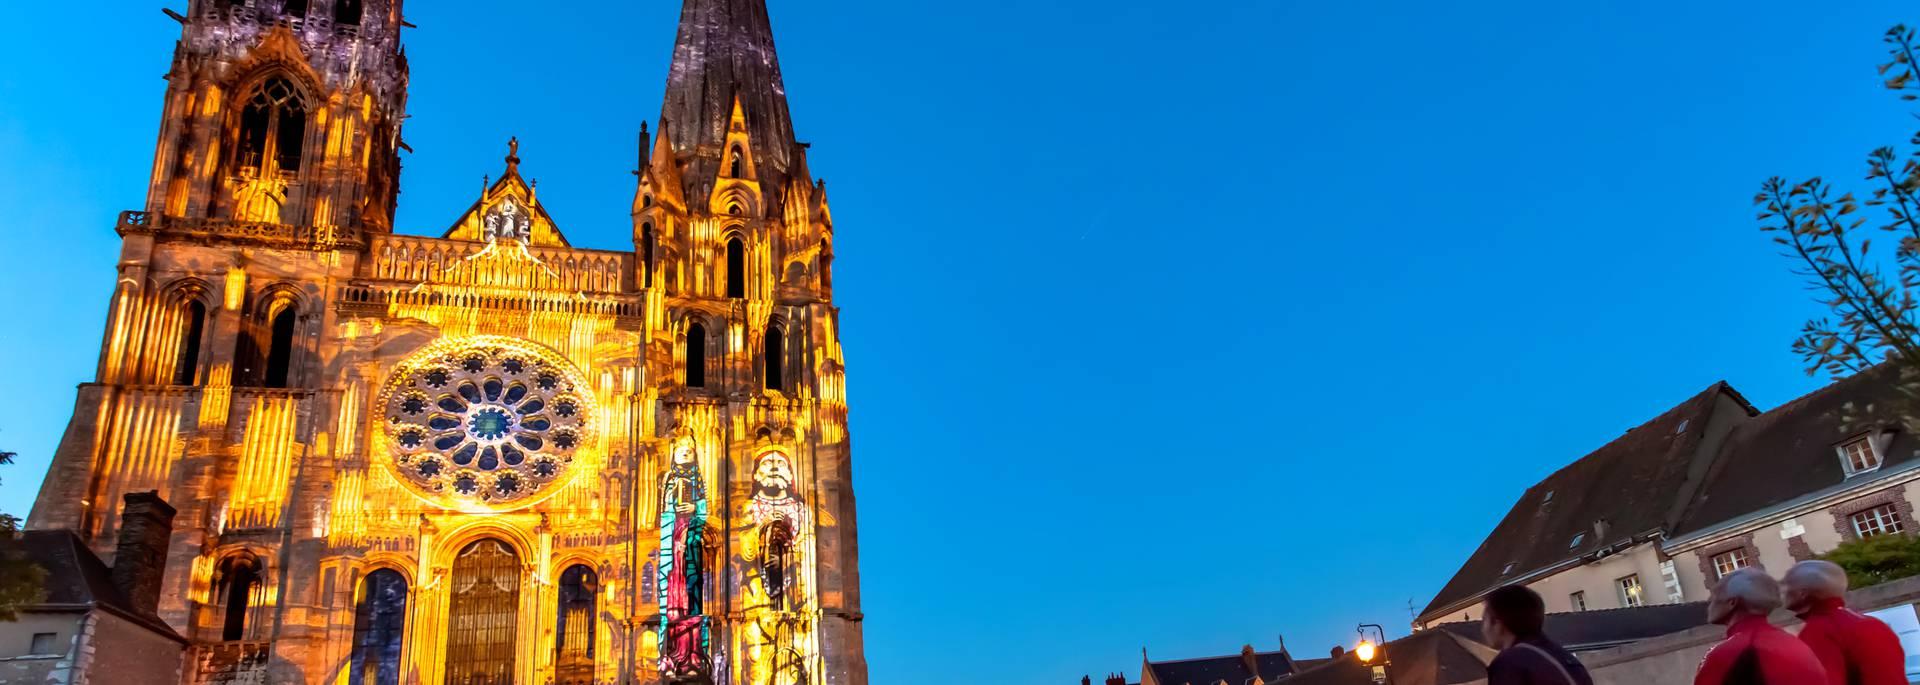 Façade de la cathédrale de Chartres illuminée par Chartres en lumières